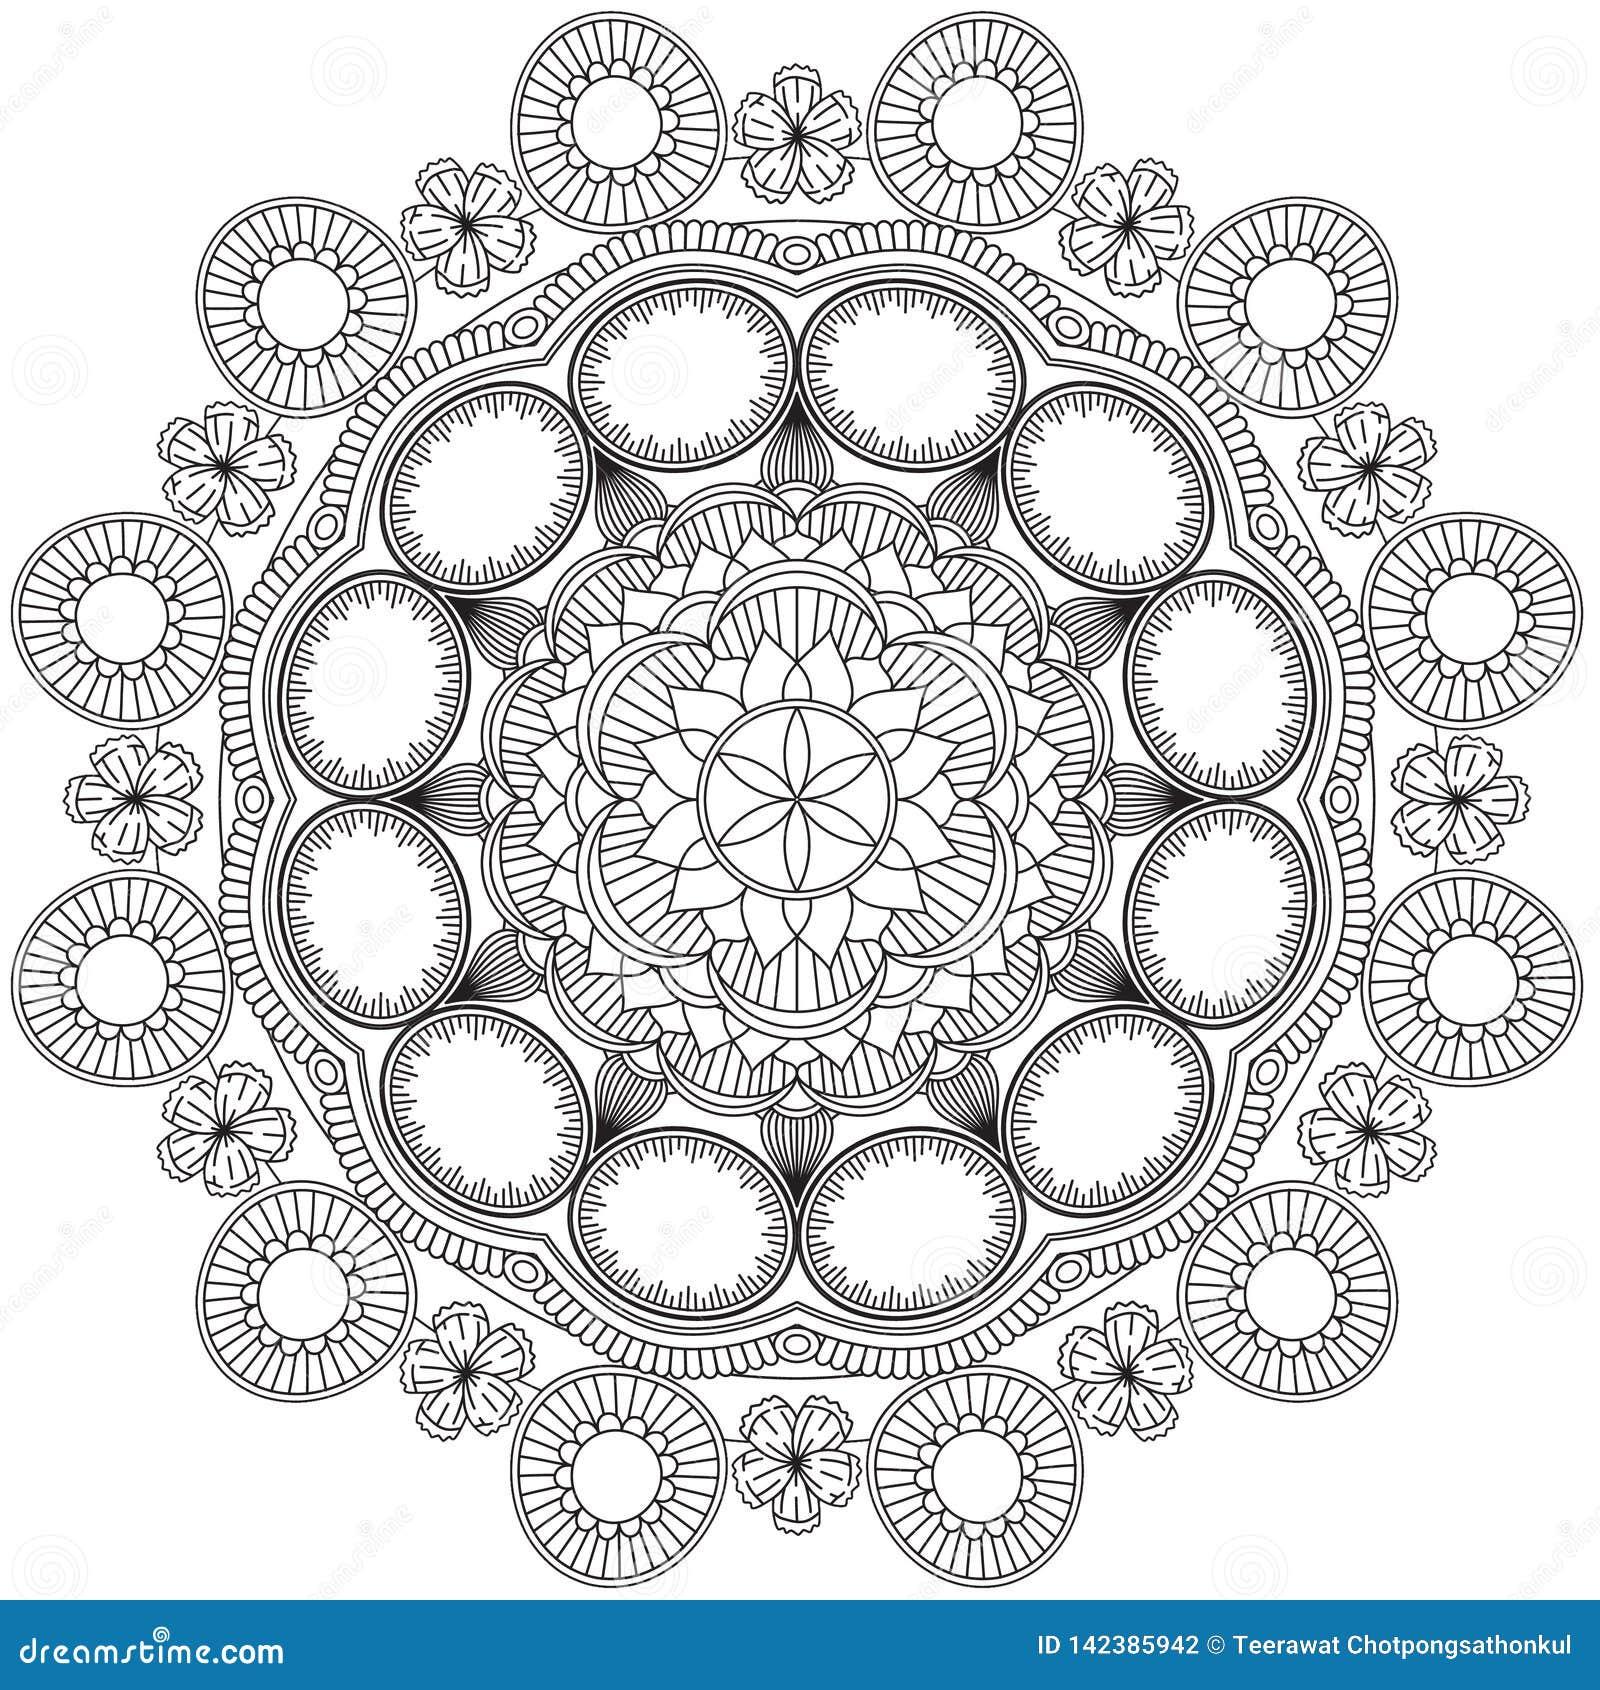 Mandala Intricate Patterns Black et bonne humeur blanche